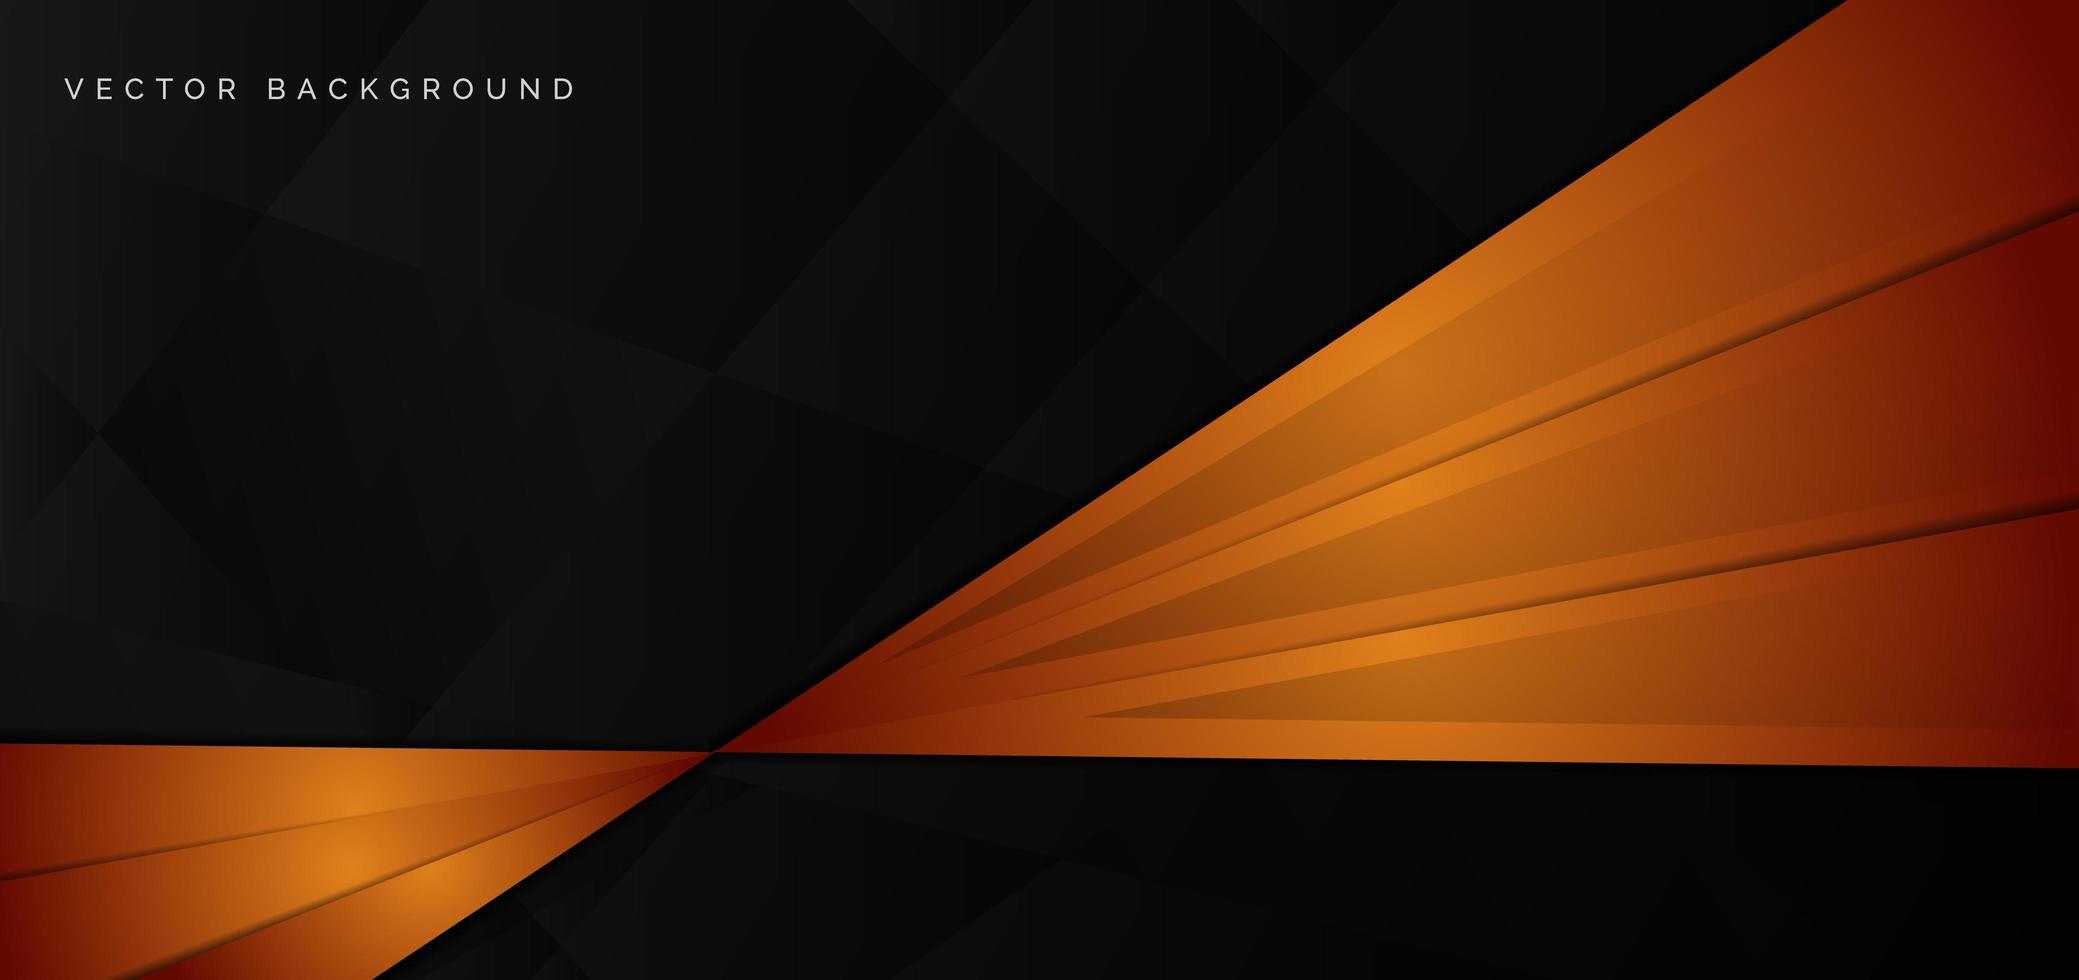 bandiera lucida di angoli arancioni, neri vettore